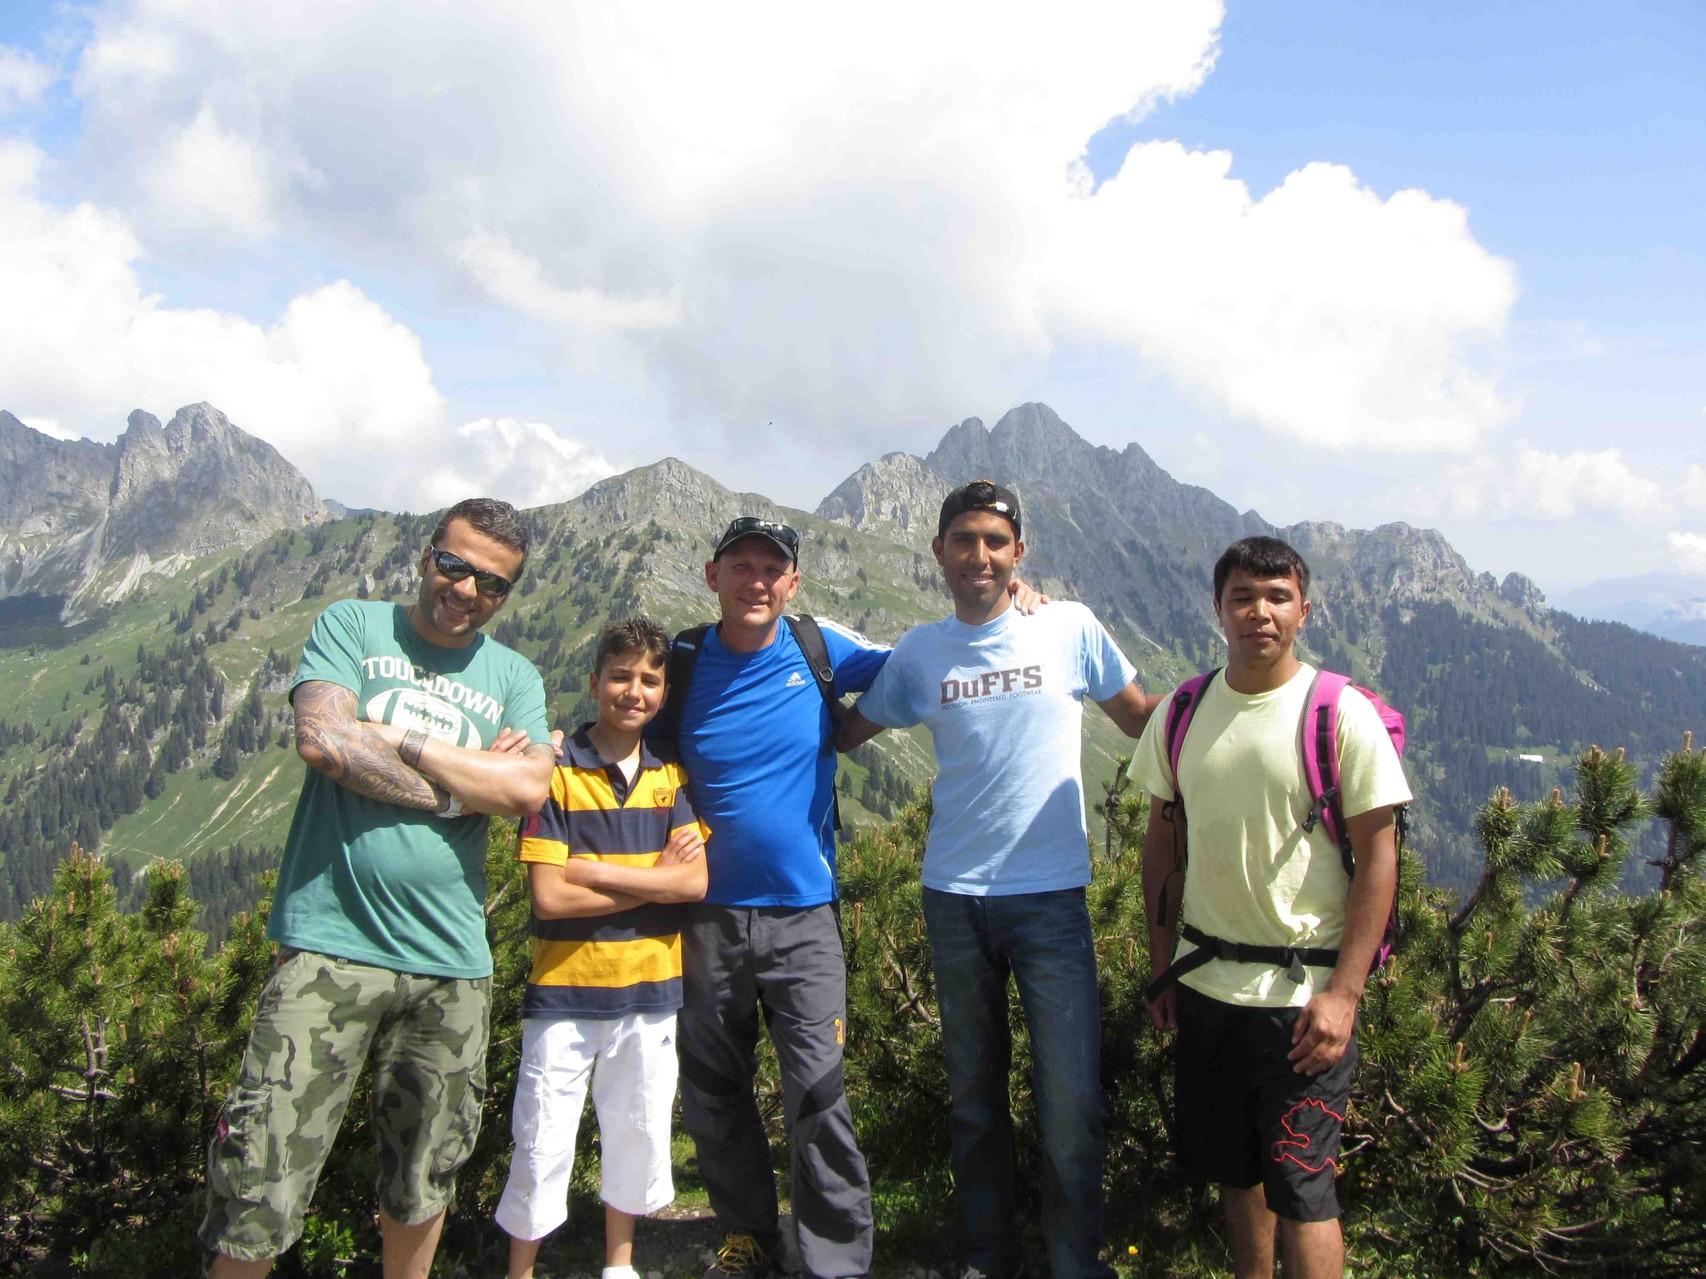 Am Gipfel des Talkessels - Hahnenkamm